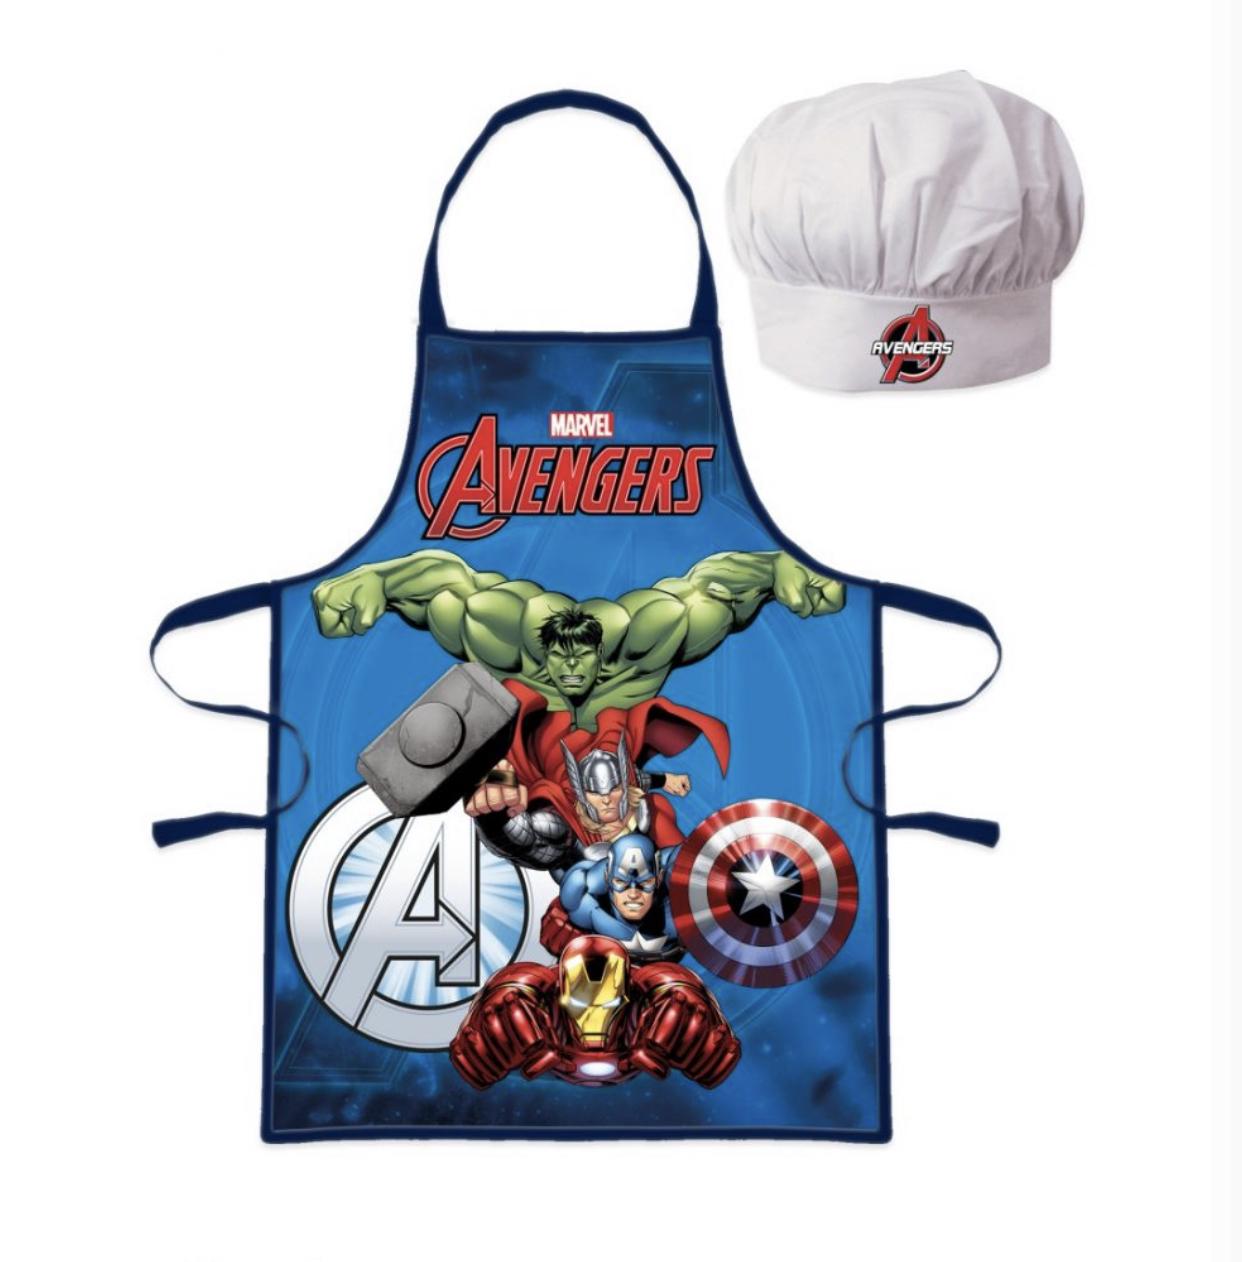 Avengers förkläde med kockmössa